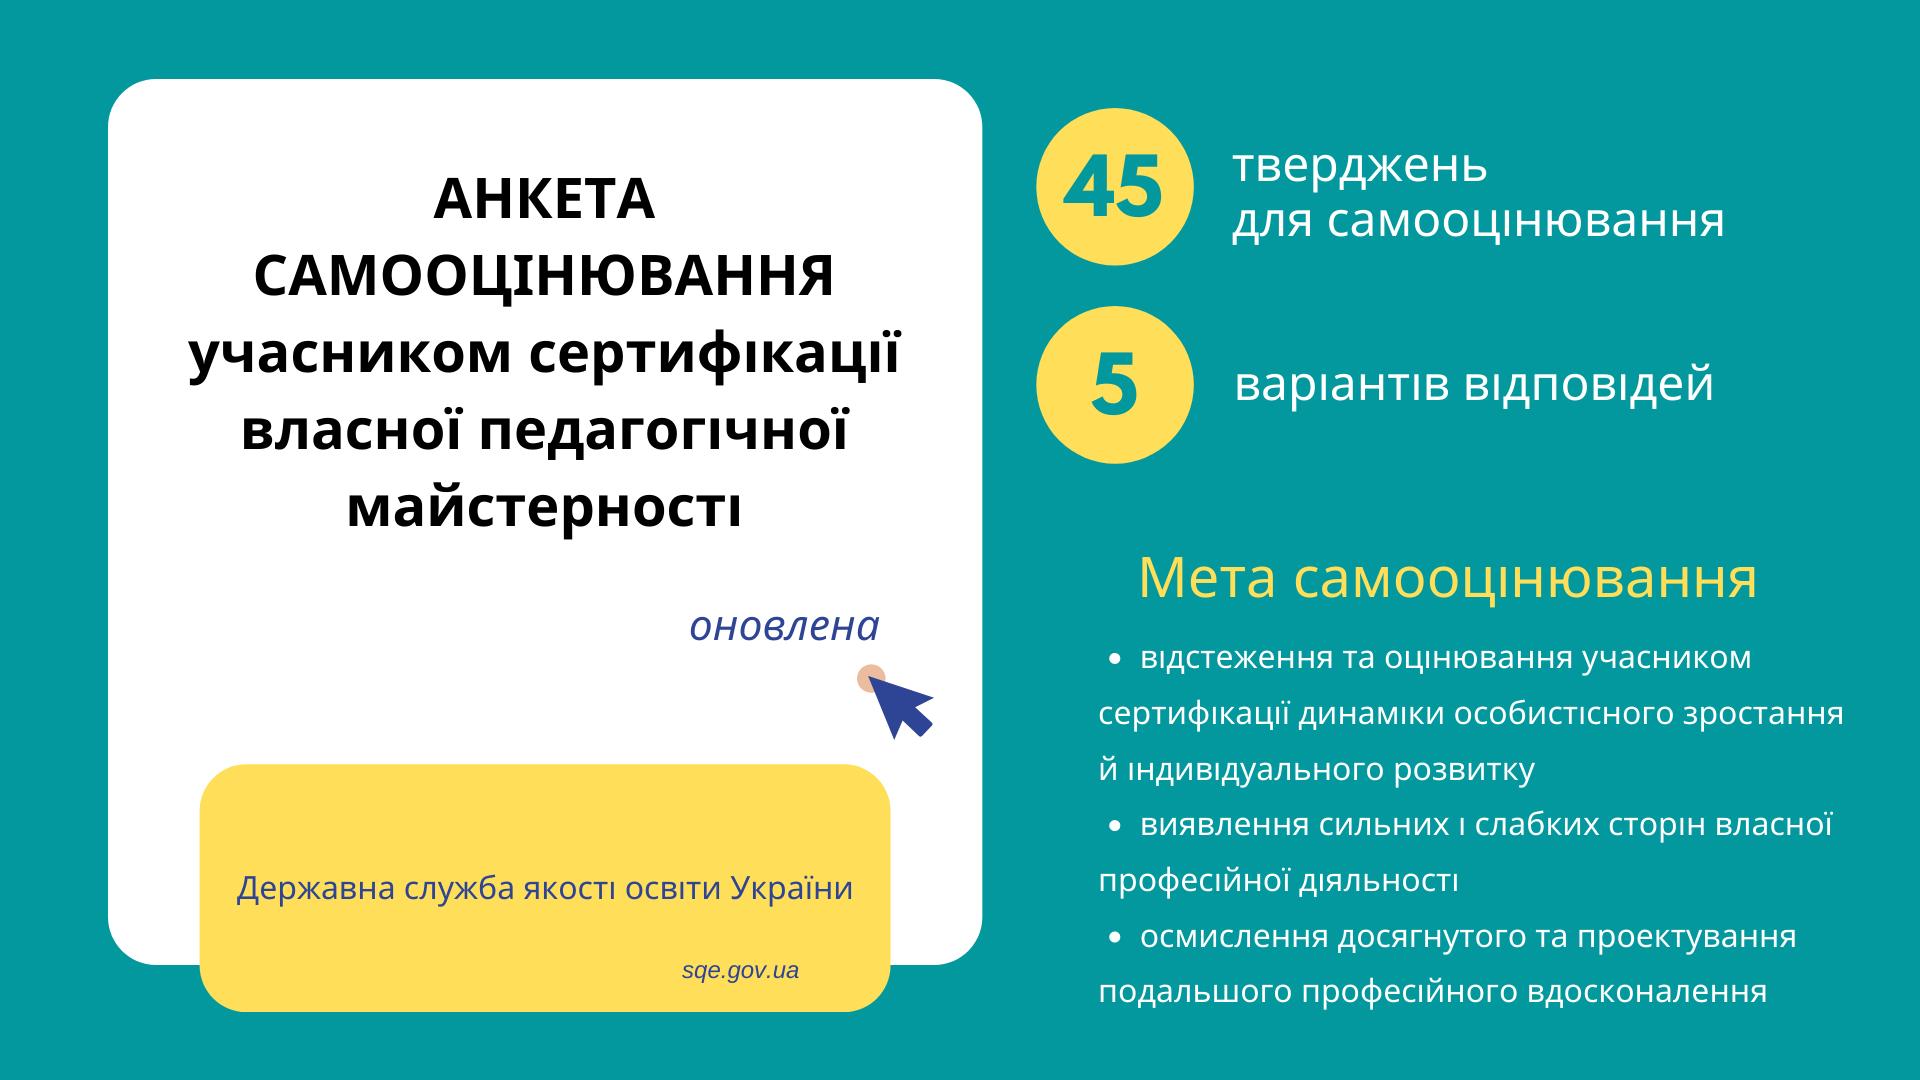 Сертифікація: оновлені методика експертного оцінювання та анкета самооцінювання